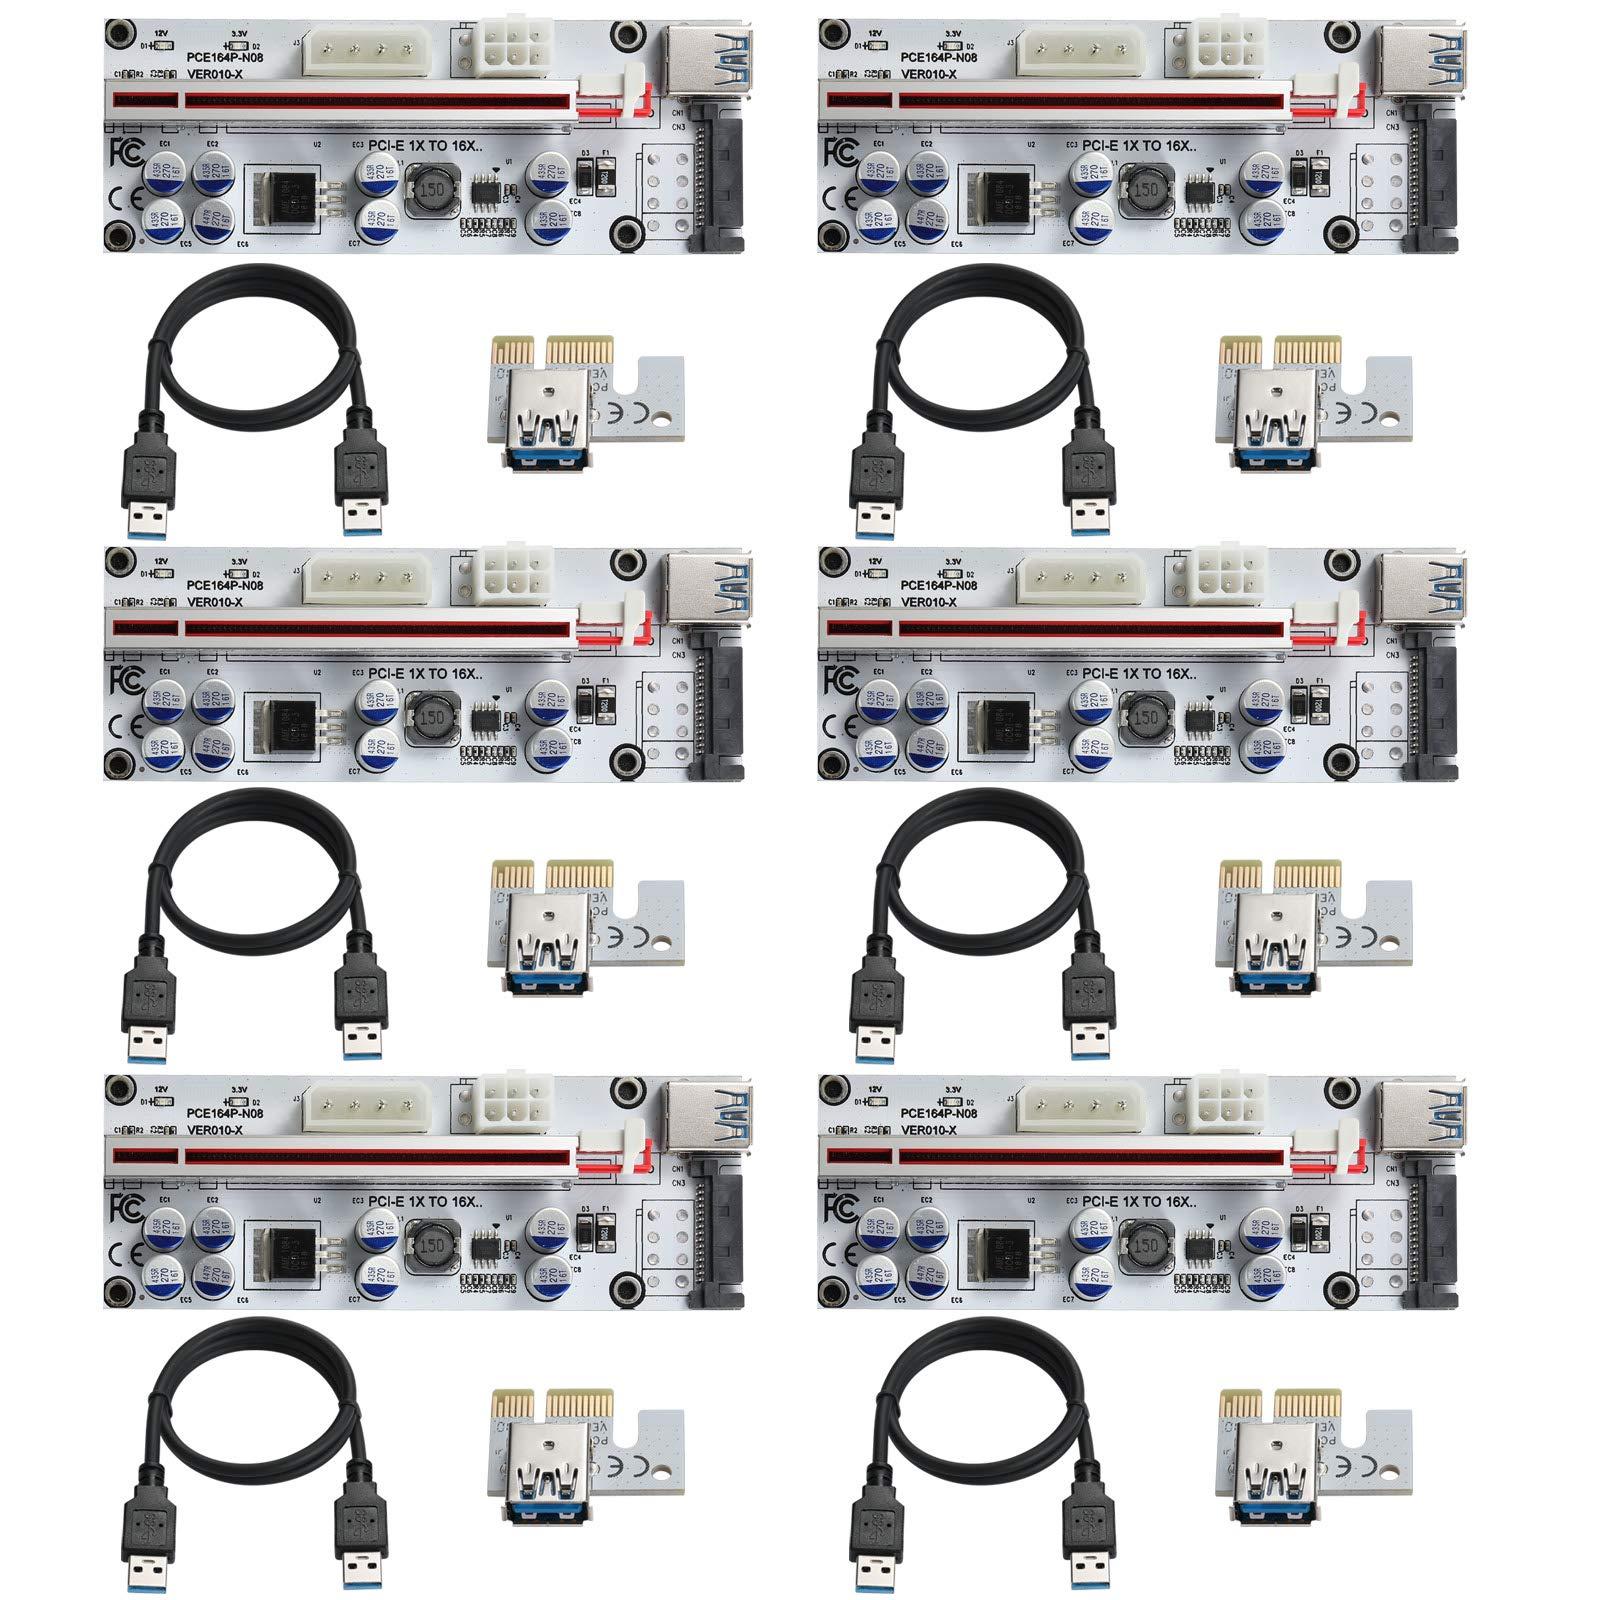 6 Pci-e Riser VER 010S-X Cripto mineria Con Cable SATA BEYIM